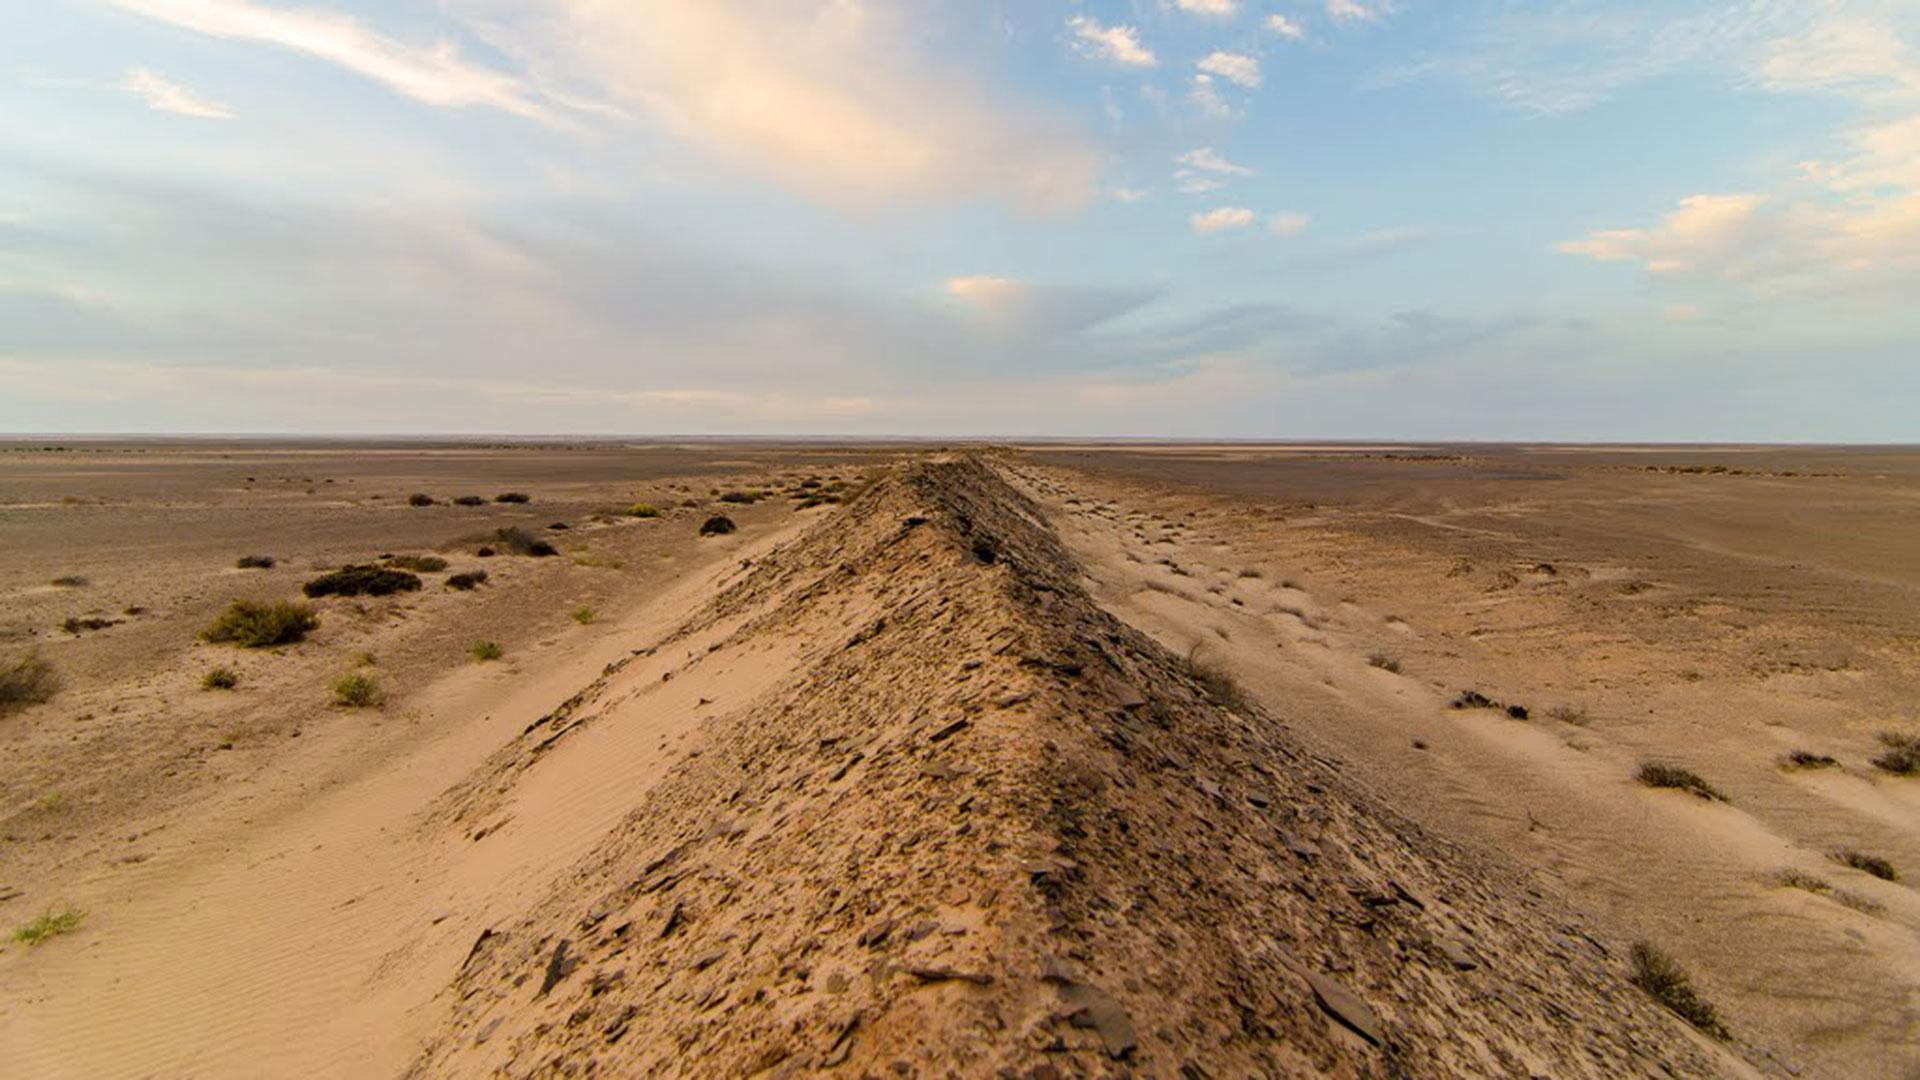 El Sahara Occidental se encuentra en disputa entre los saharauis y Marruecos, que ocupó ese territorio en 1976, luego de que España se retirara. Marruecos construyó un muro de cientos de kilómetros con arena, piedra, alambres de espino y minas personales para proteger lo que considera territorio propio del Frente Polisario, que busca la independencia saharaui